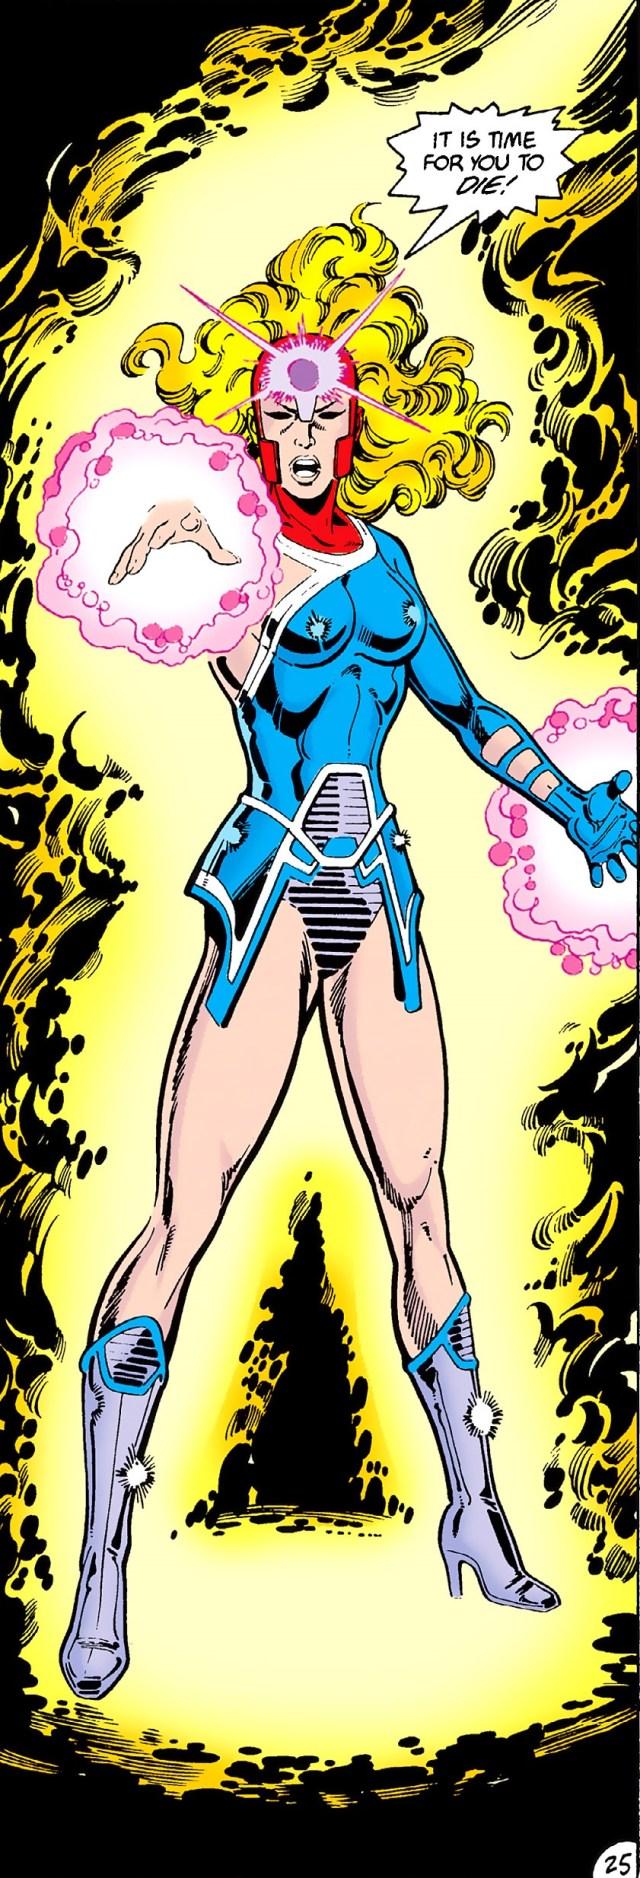 Harbinger en Crisis on Infinite Earths #3 (junio de 1985). Imagen: dc.fandom.com